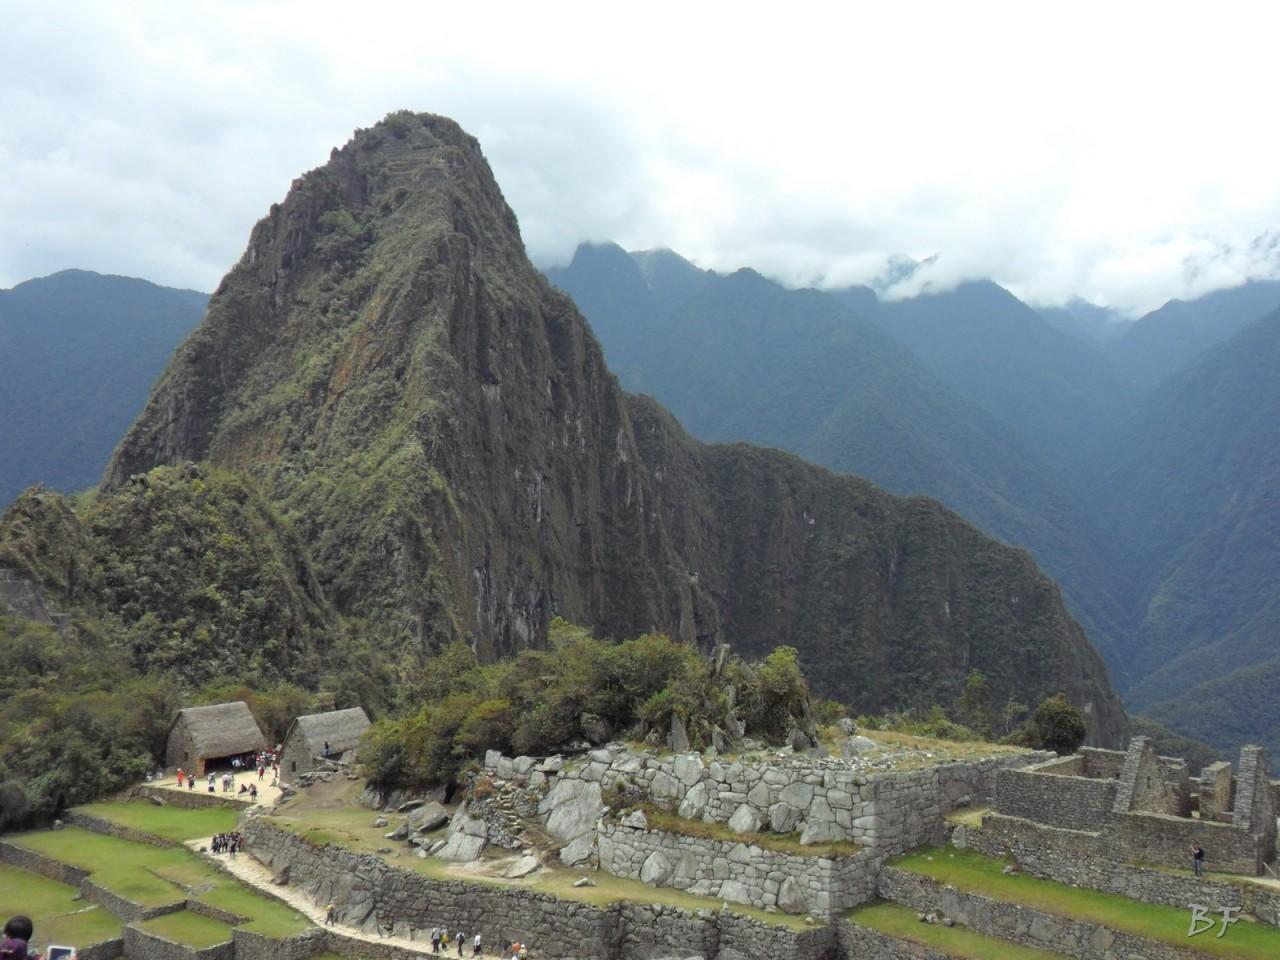 Mura-Poligonali-Incisioni-Altari-Edifici-Rupestri-Megaliti-Machu-Picchu-Aguas-Calientes-Urubamba-Cusco-Perù-122